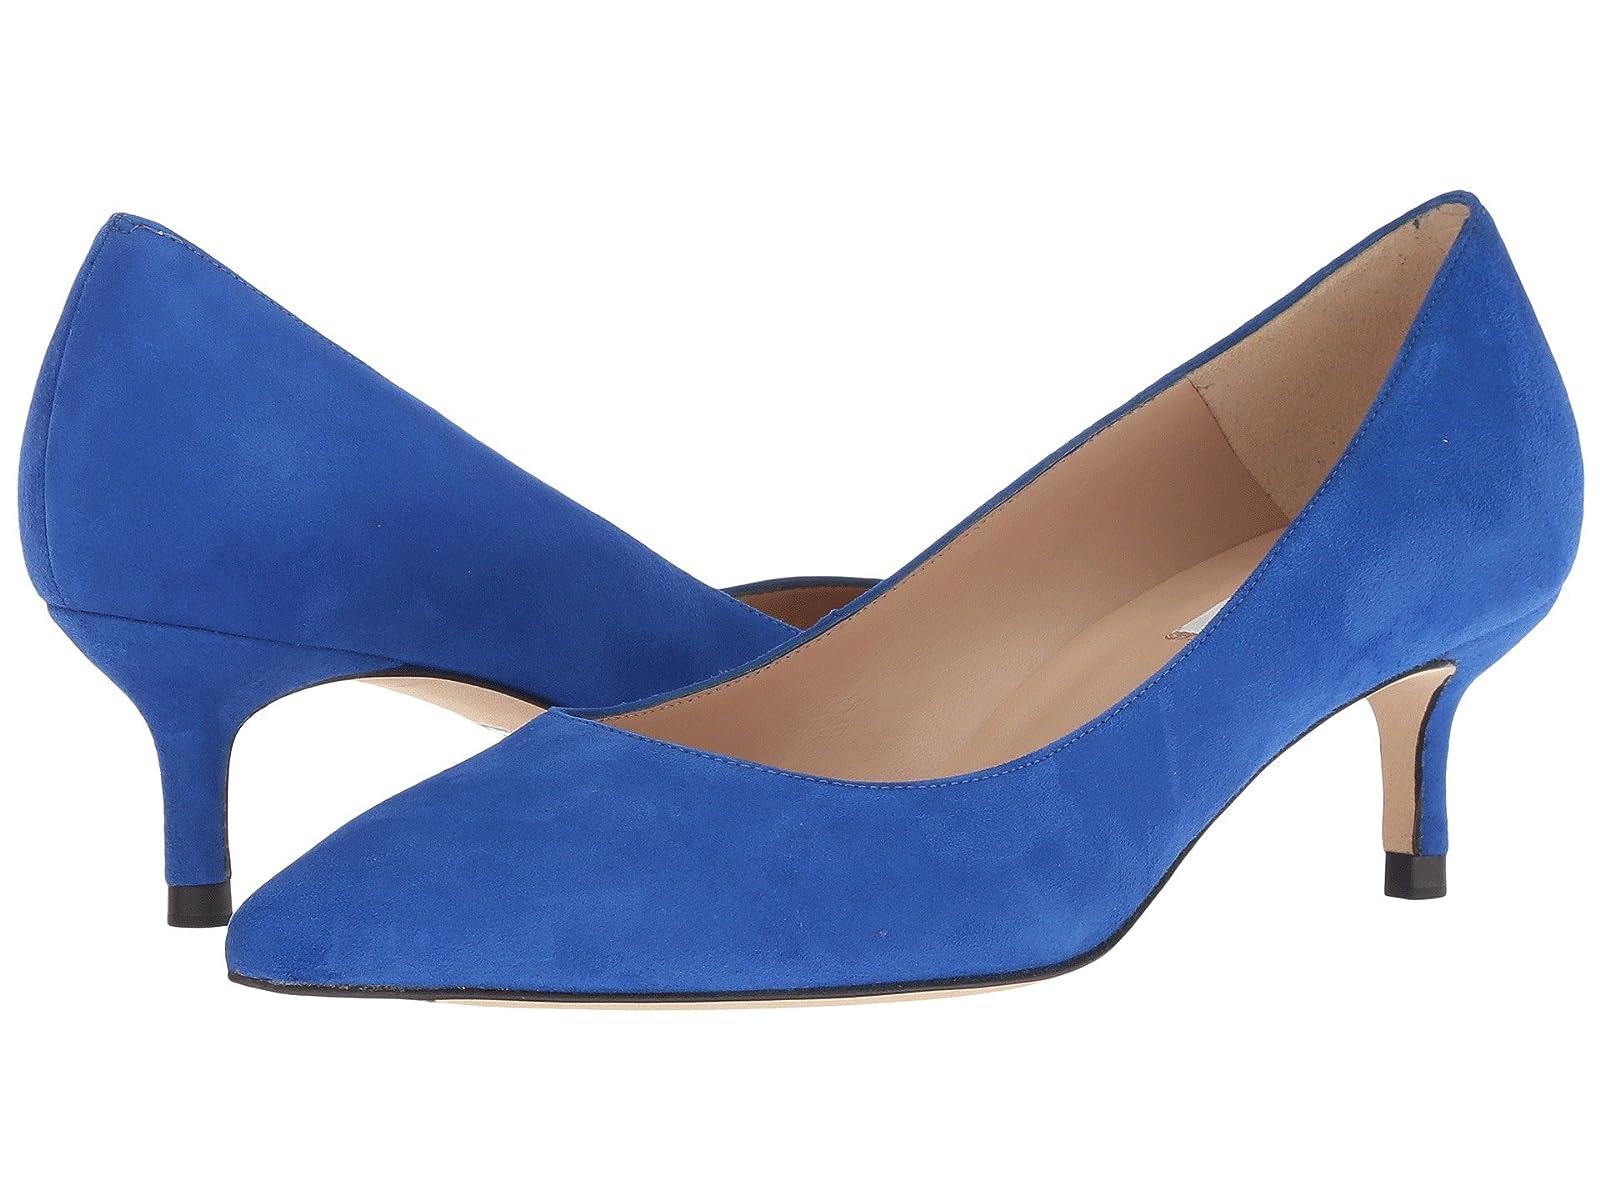 L.K. Bennett AudreyAtmospheric grades have affordable shoes